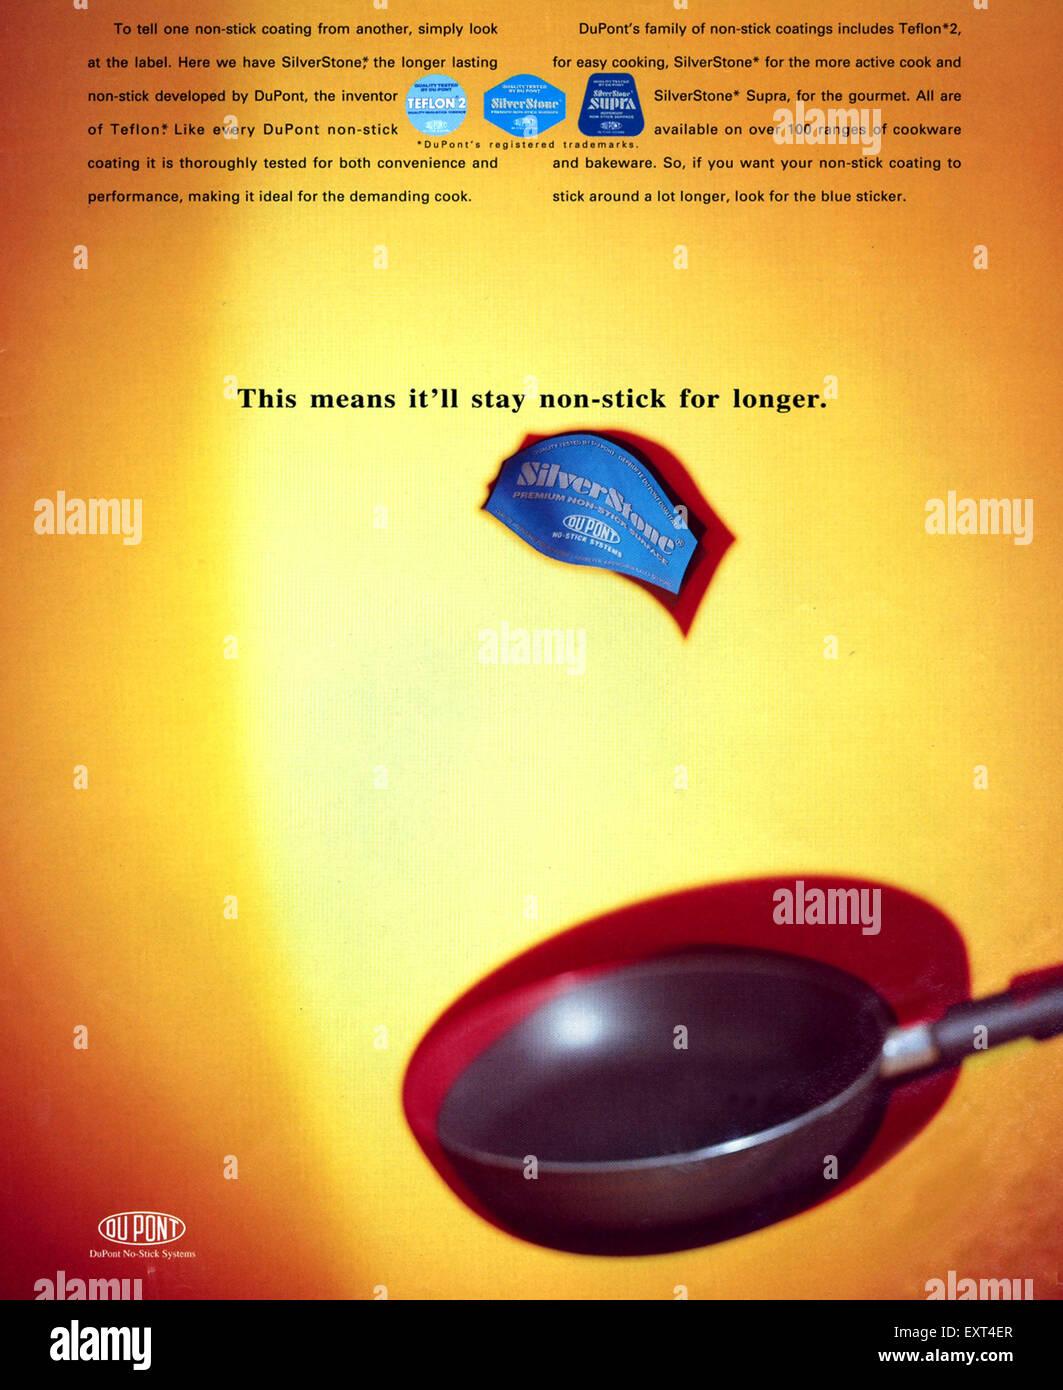 1990s UK Du Pont Magazine Advert - Stock Image